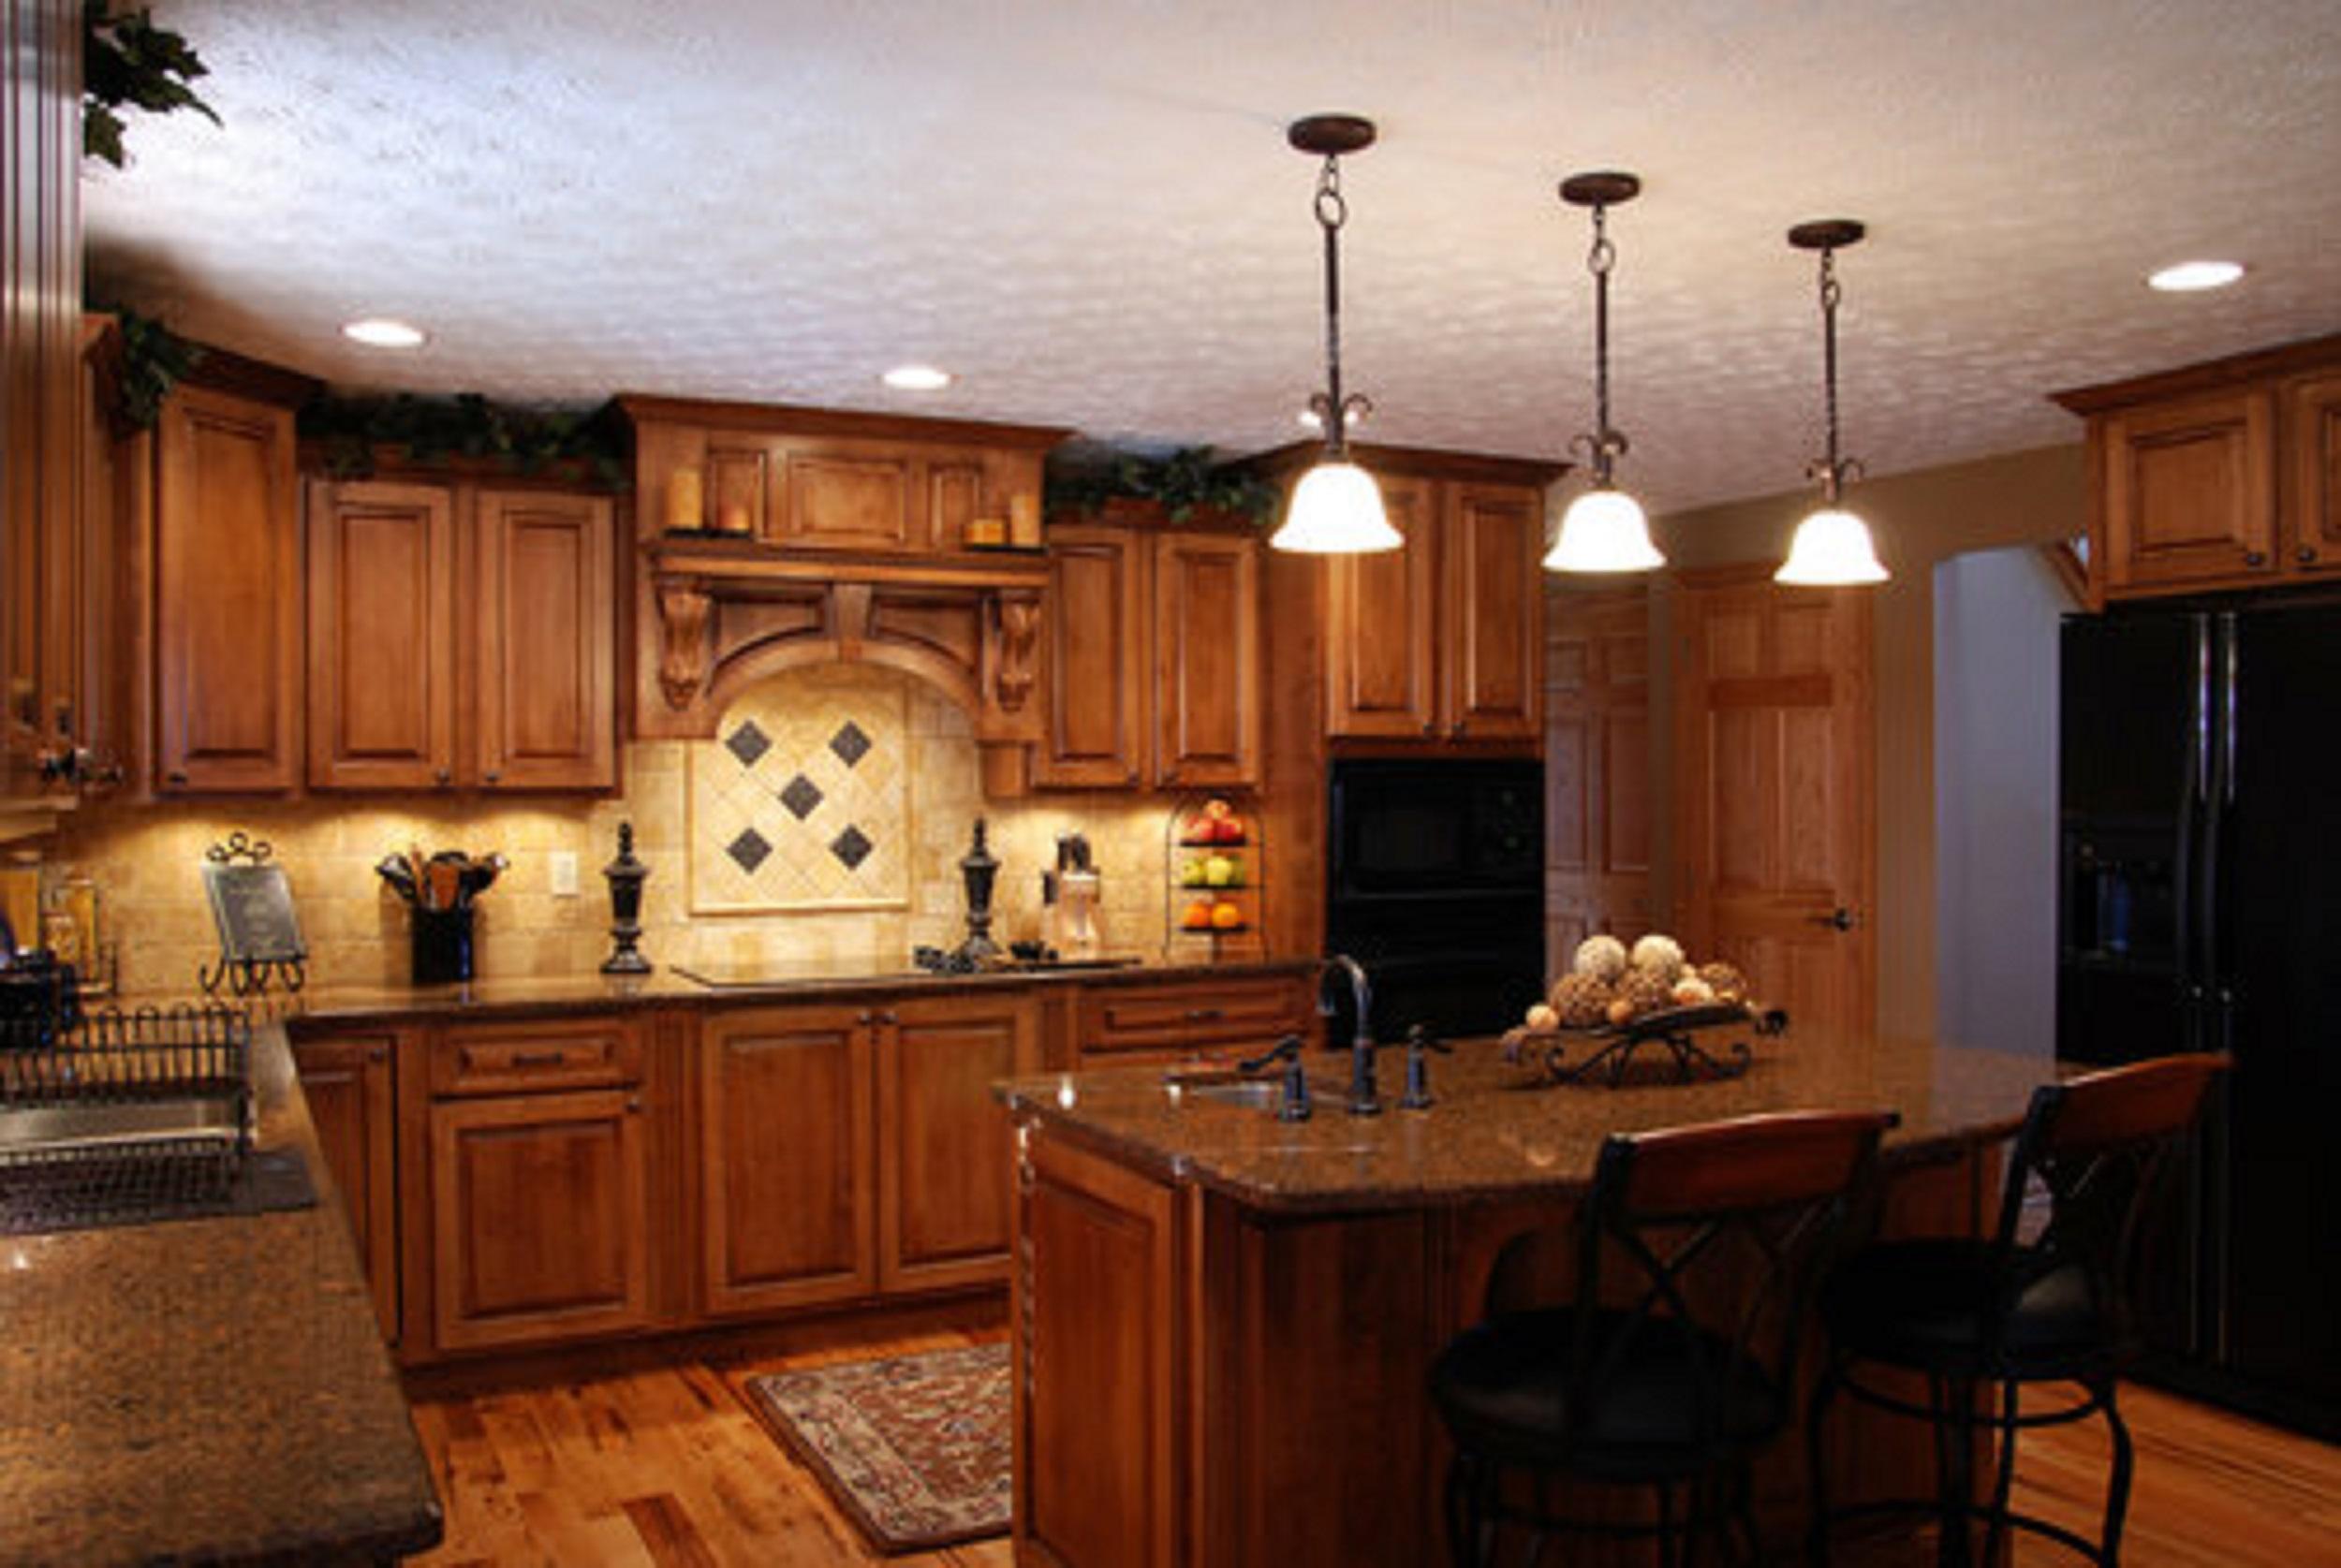 resize kitchen2.jpg